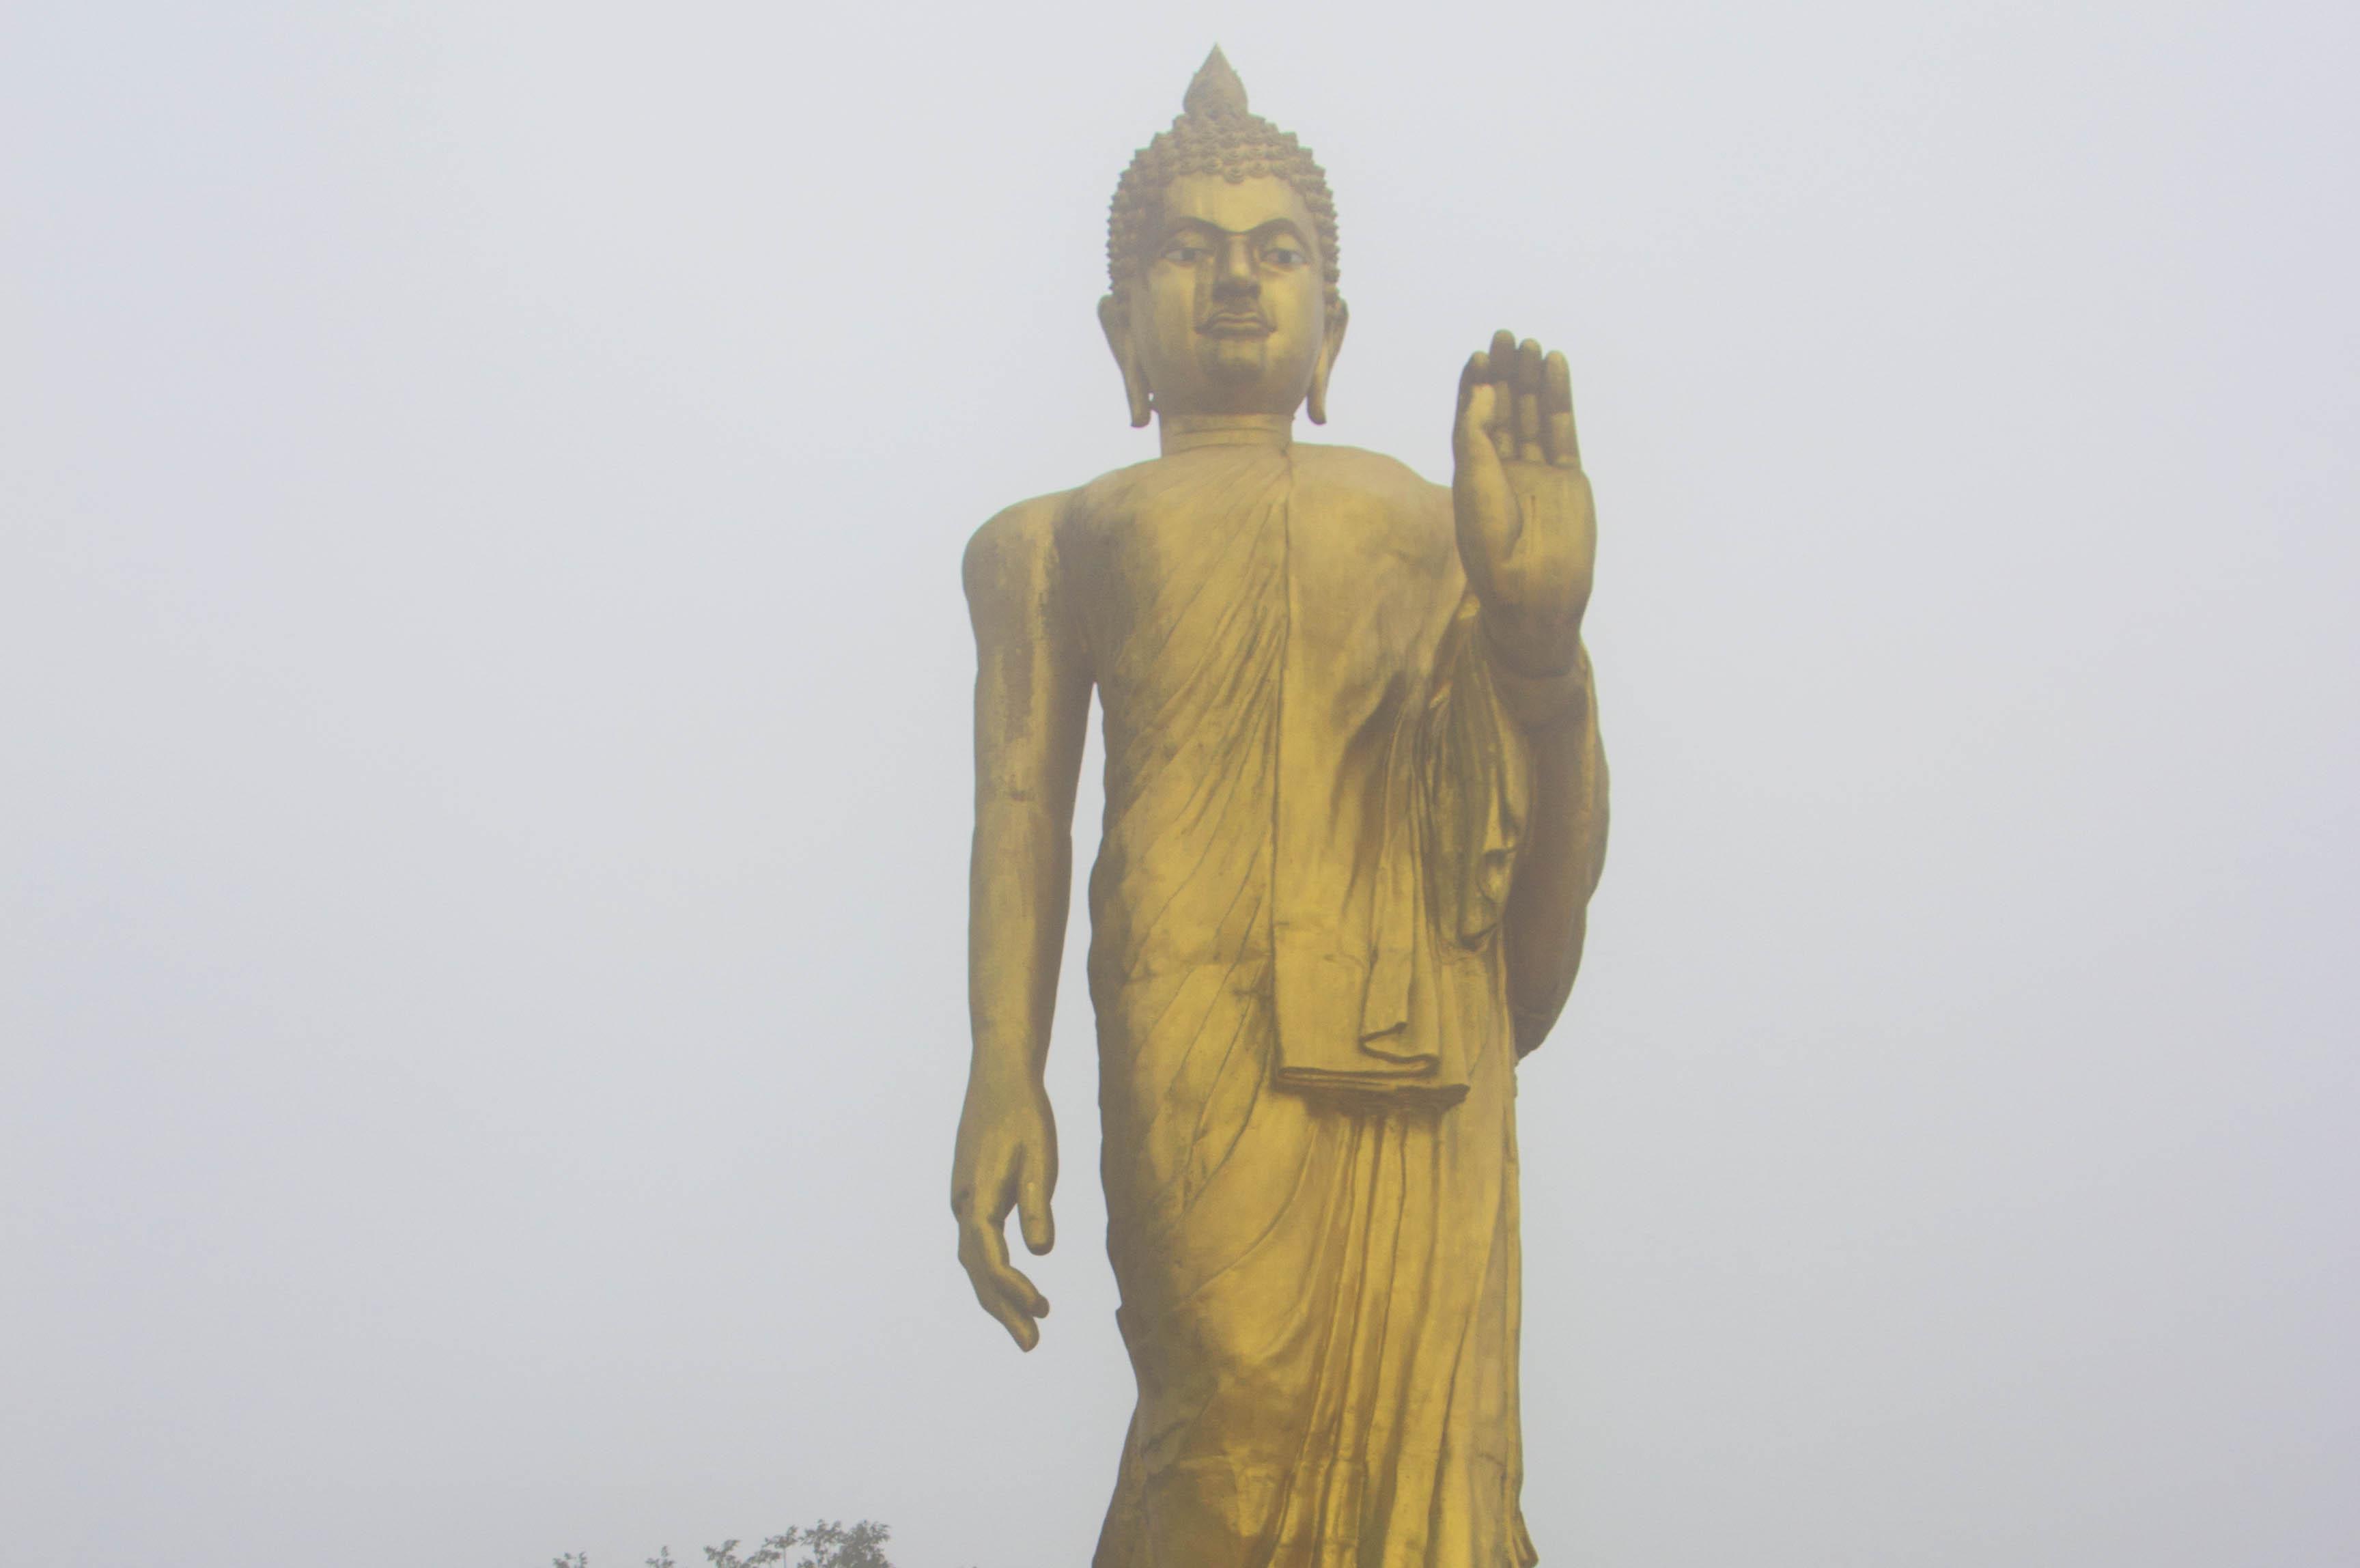 Phra Phuttha Teepangkorn on Koh Samui